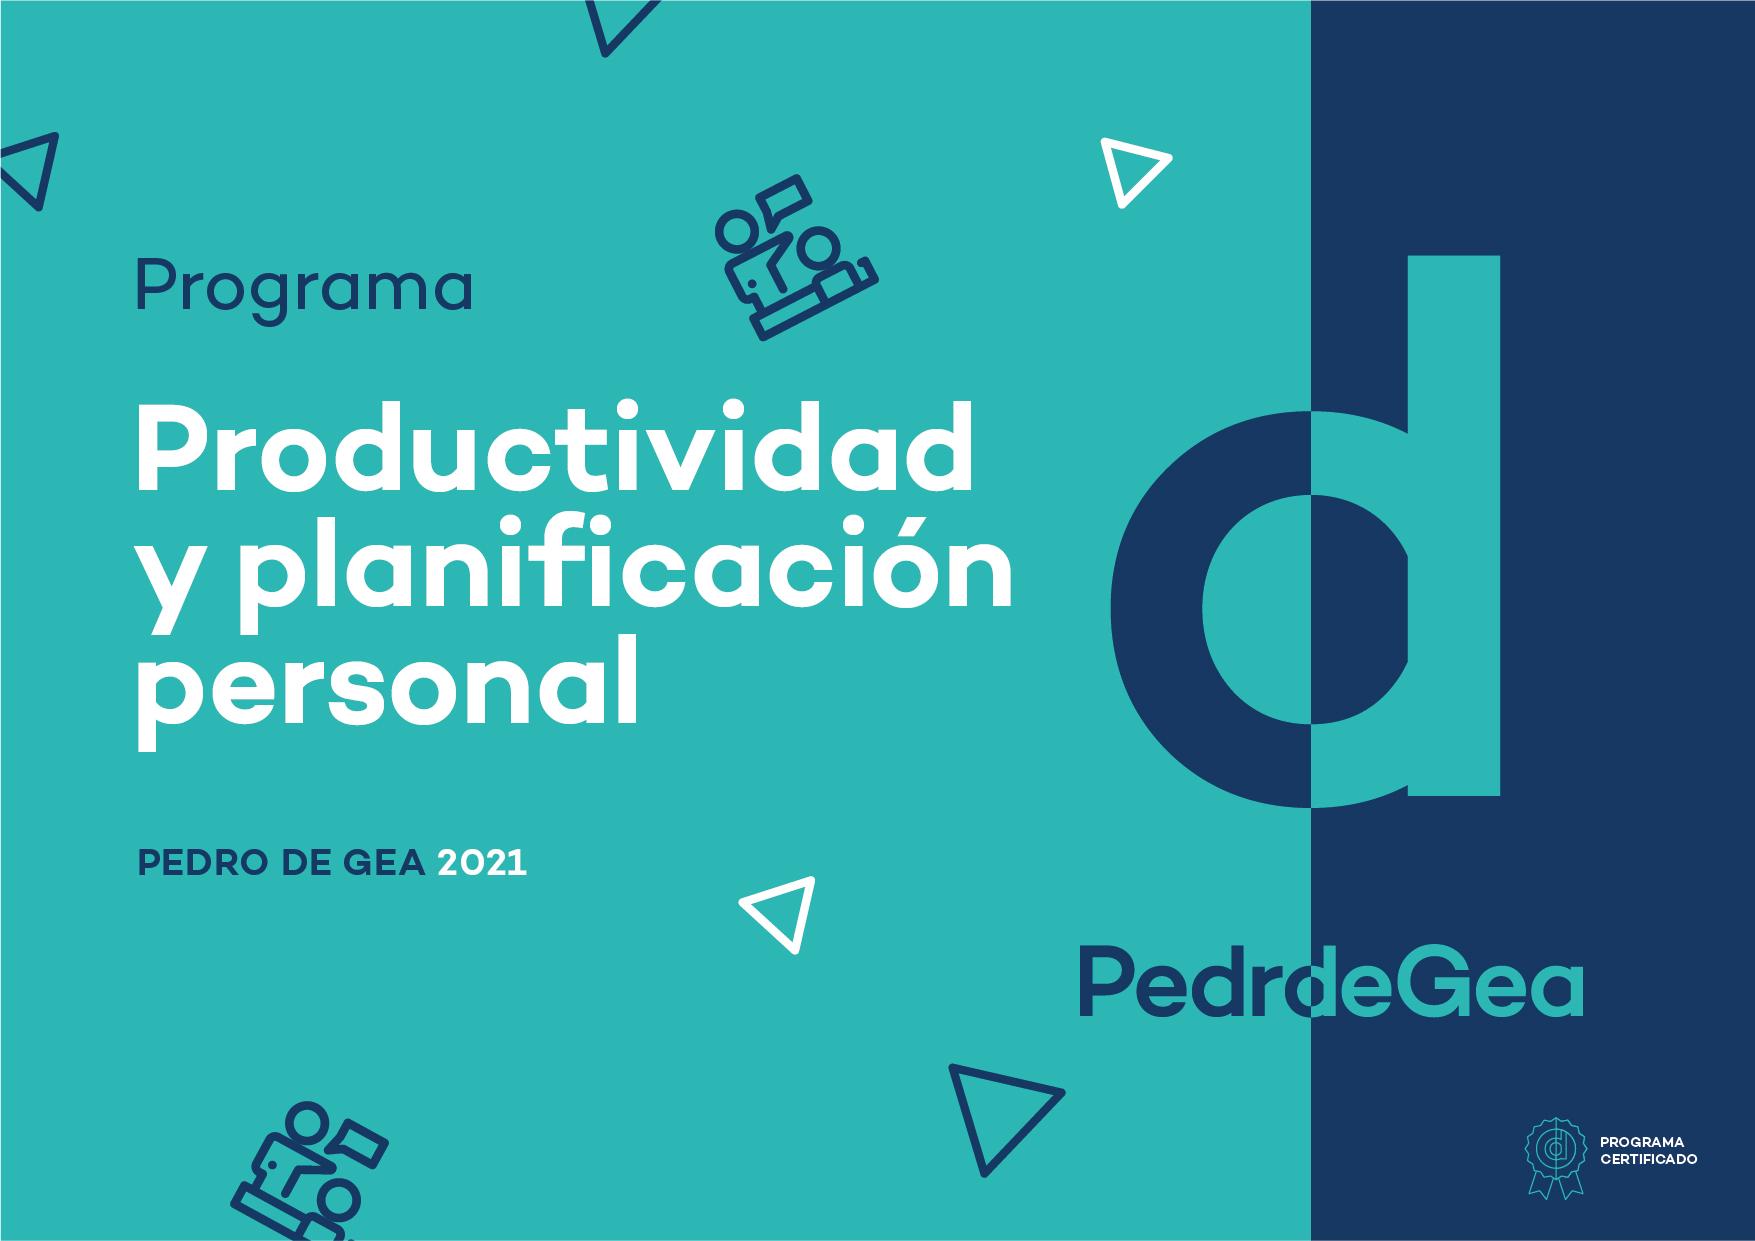 Programas-PedroDeGea-6